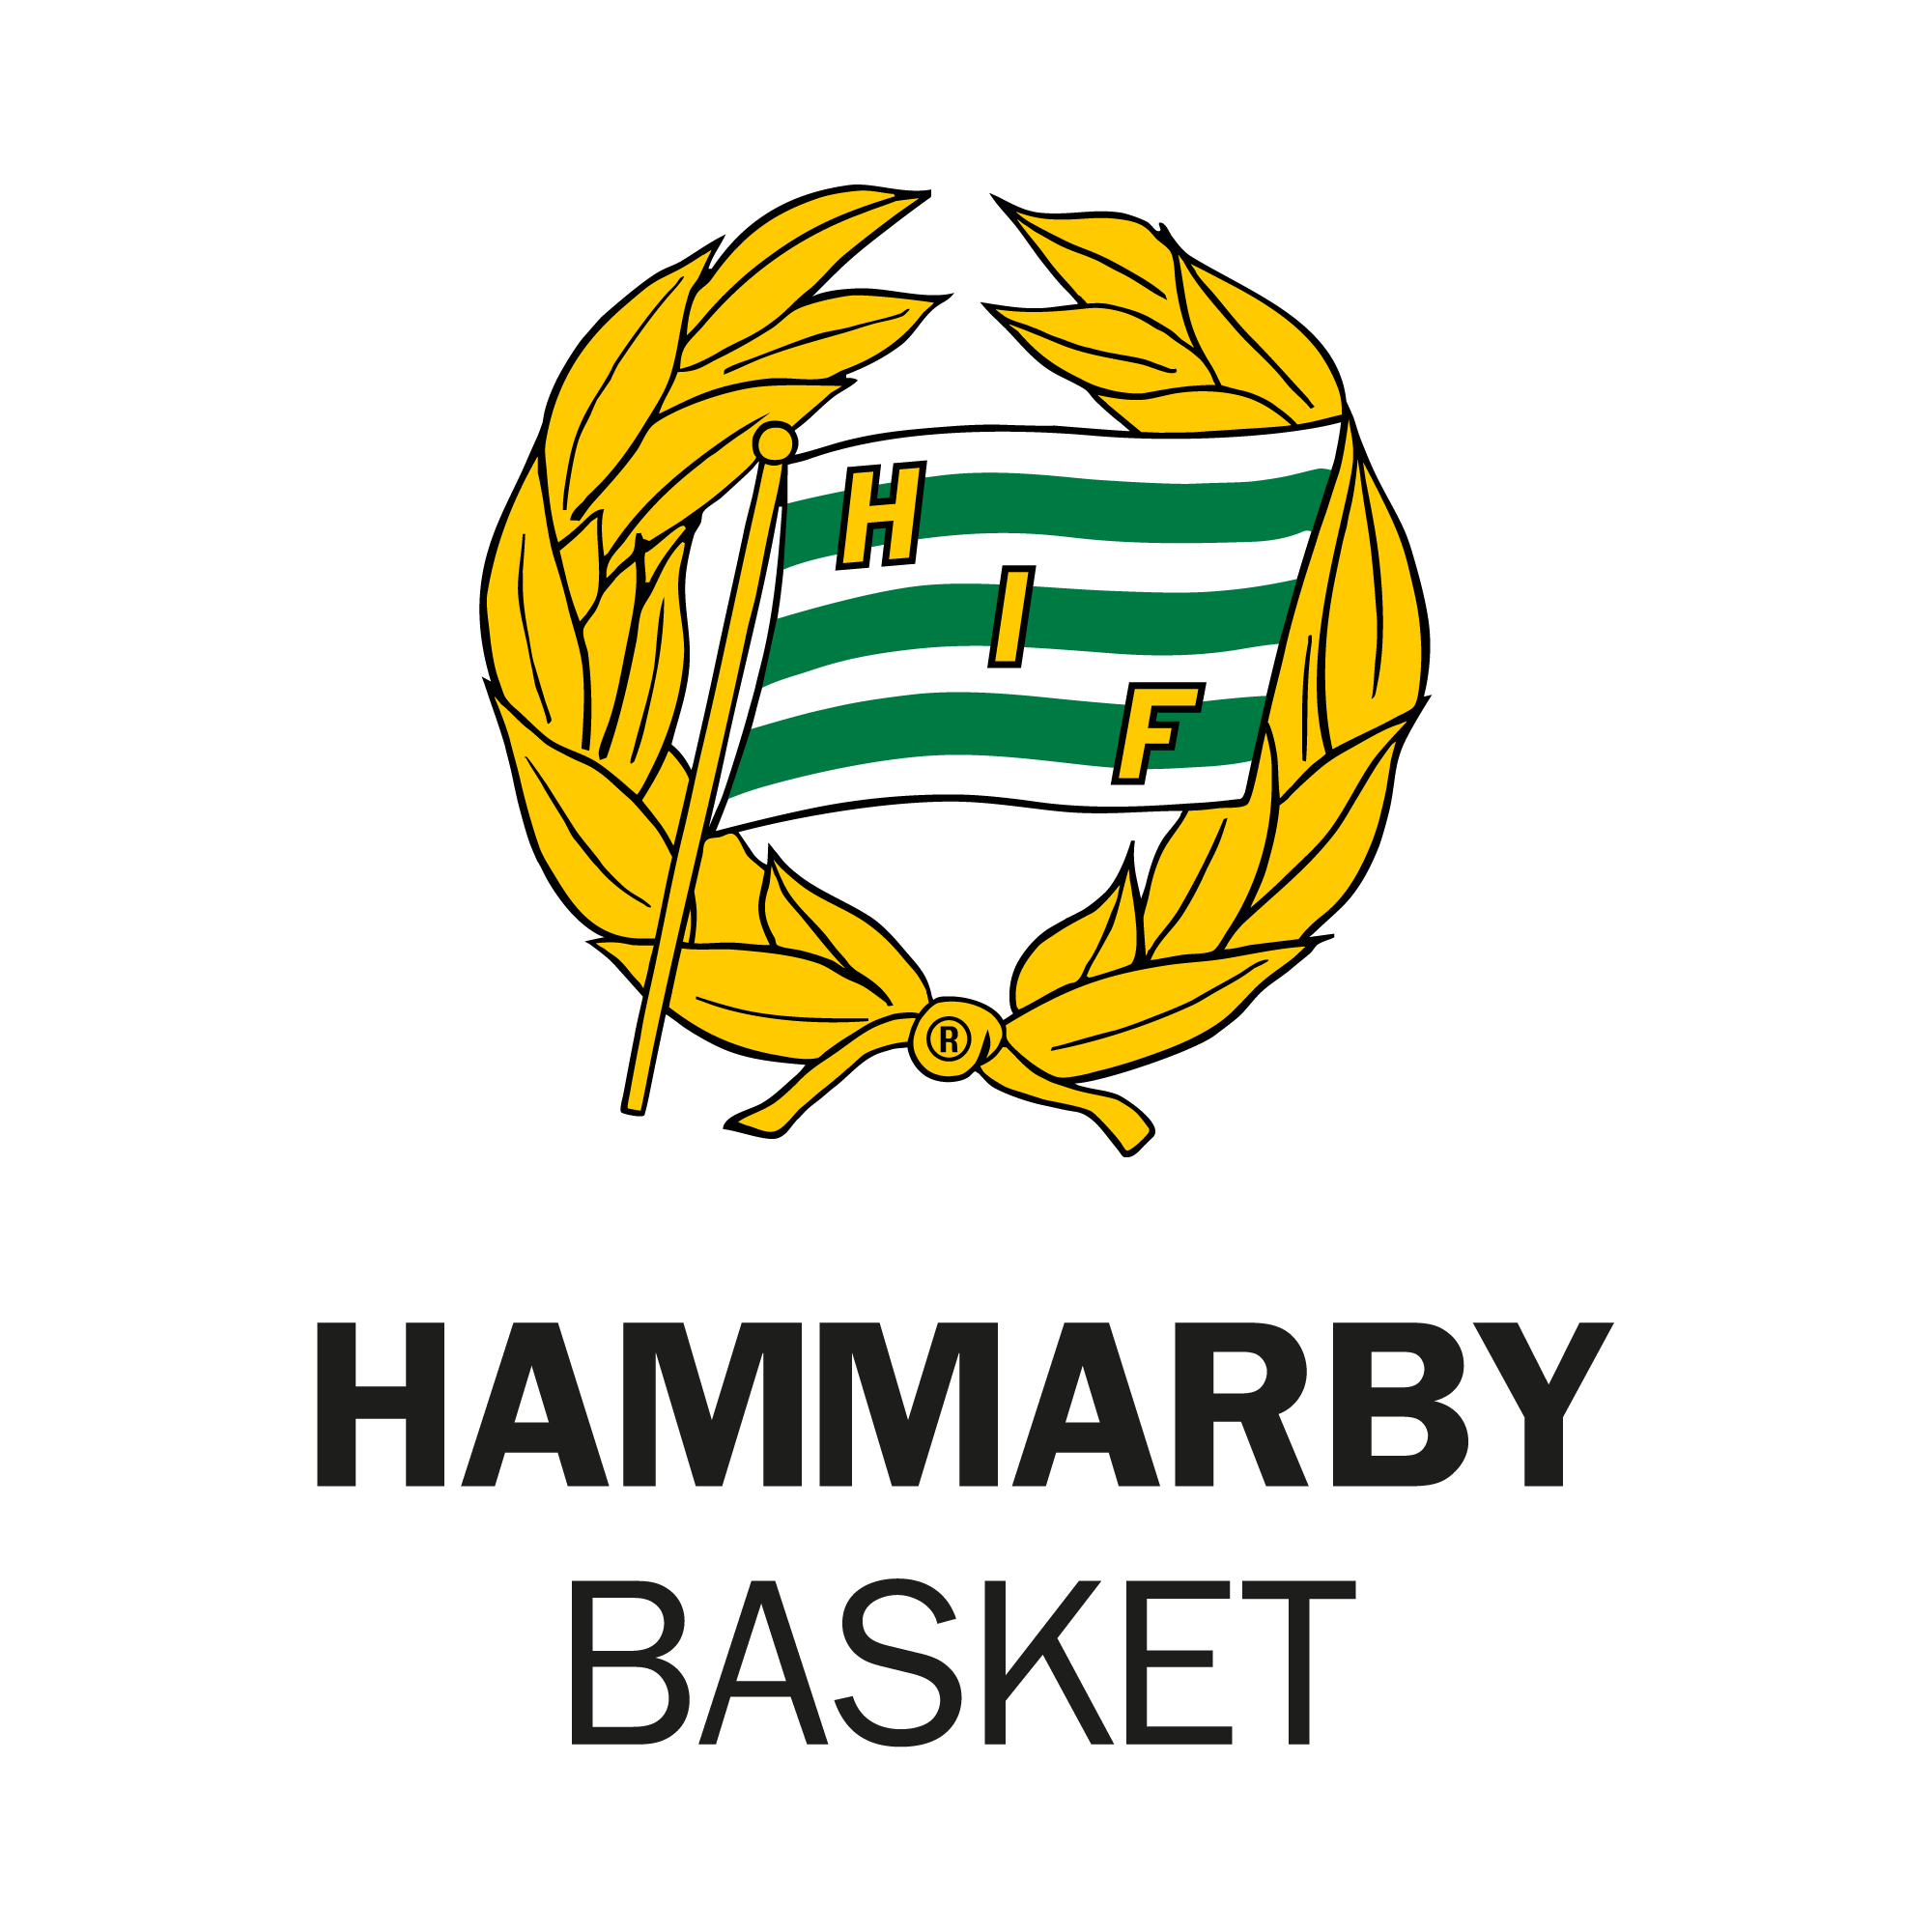 Hammarby Basket